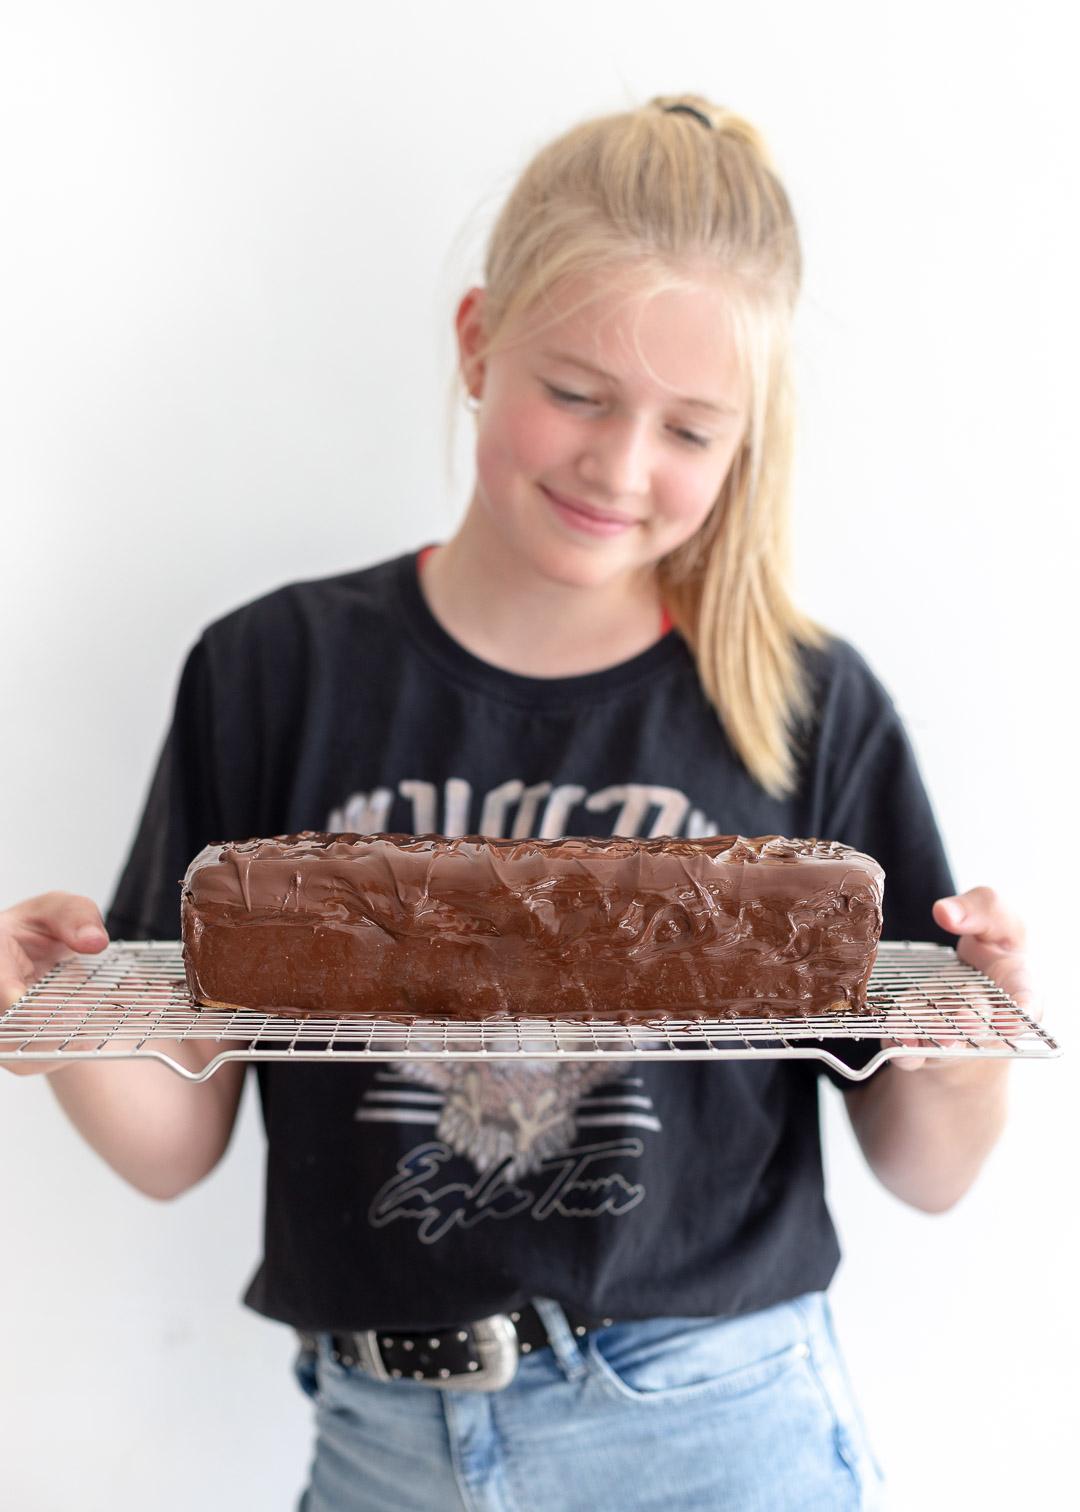 Mega twix cake